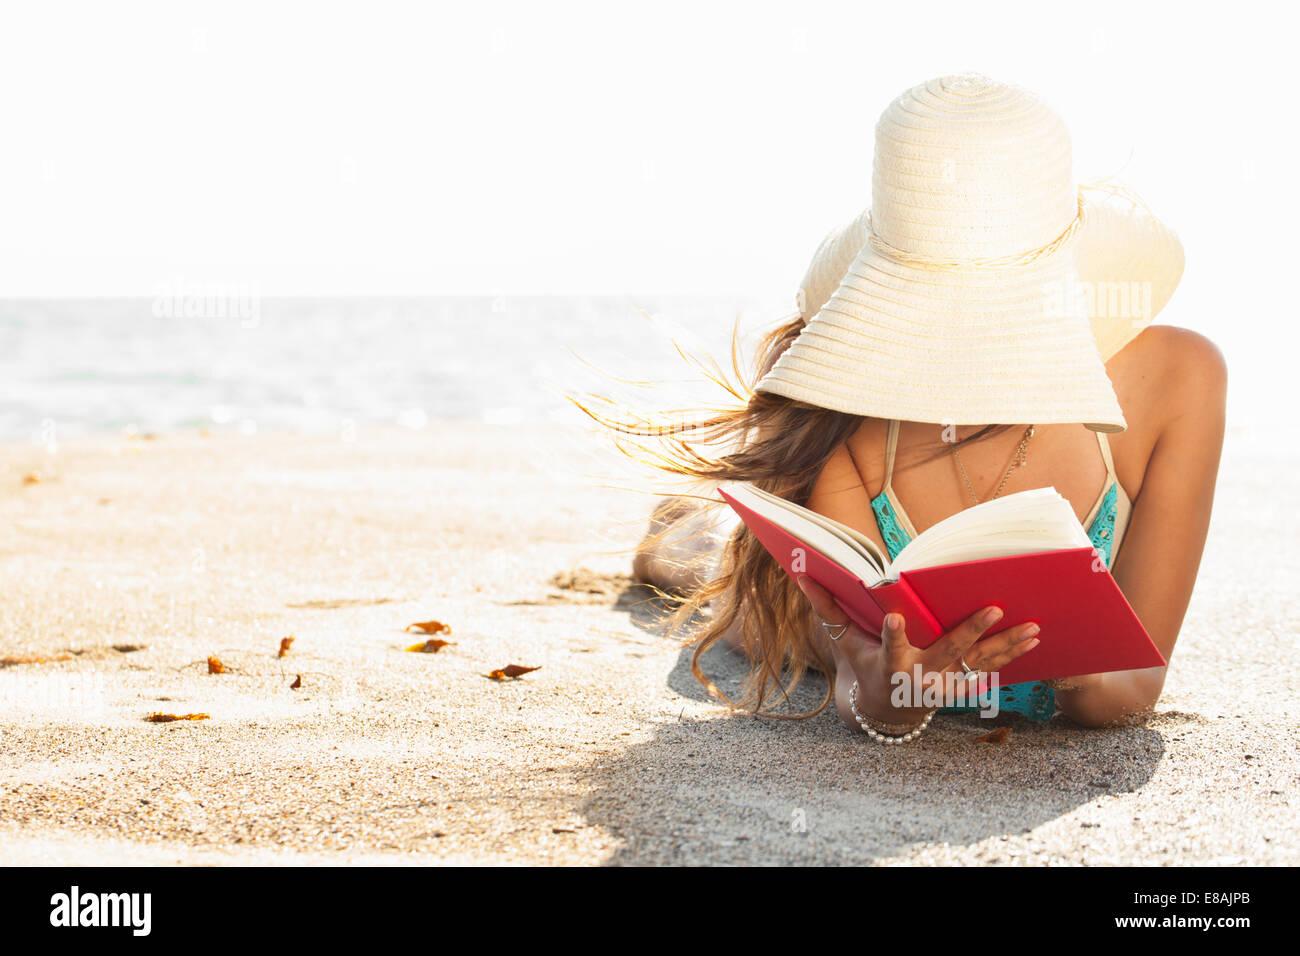 Giovane donna a prendere il sole e la lettura di un libro sul Beach, Malibu, California, Stati Uniti d'America Immagini Stock